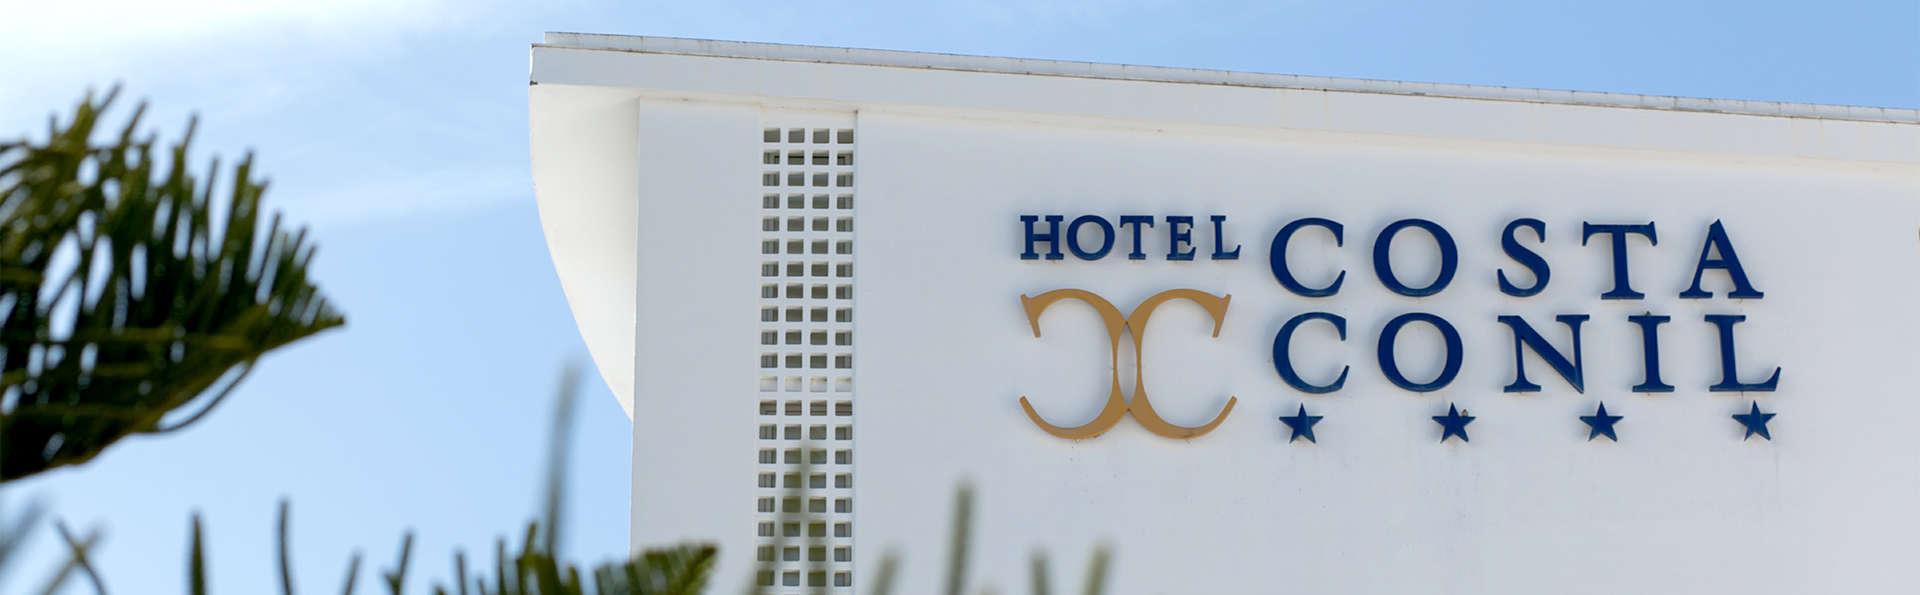 Hotel Costa Conil Hotel Costa Conil 4 Conil De La Frontera Espagne